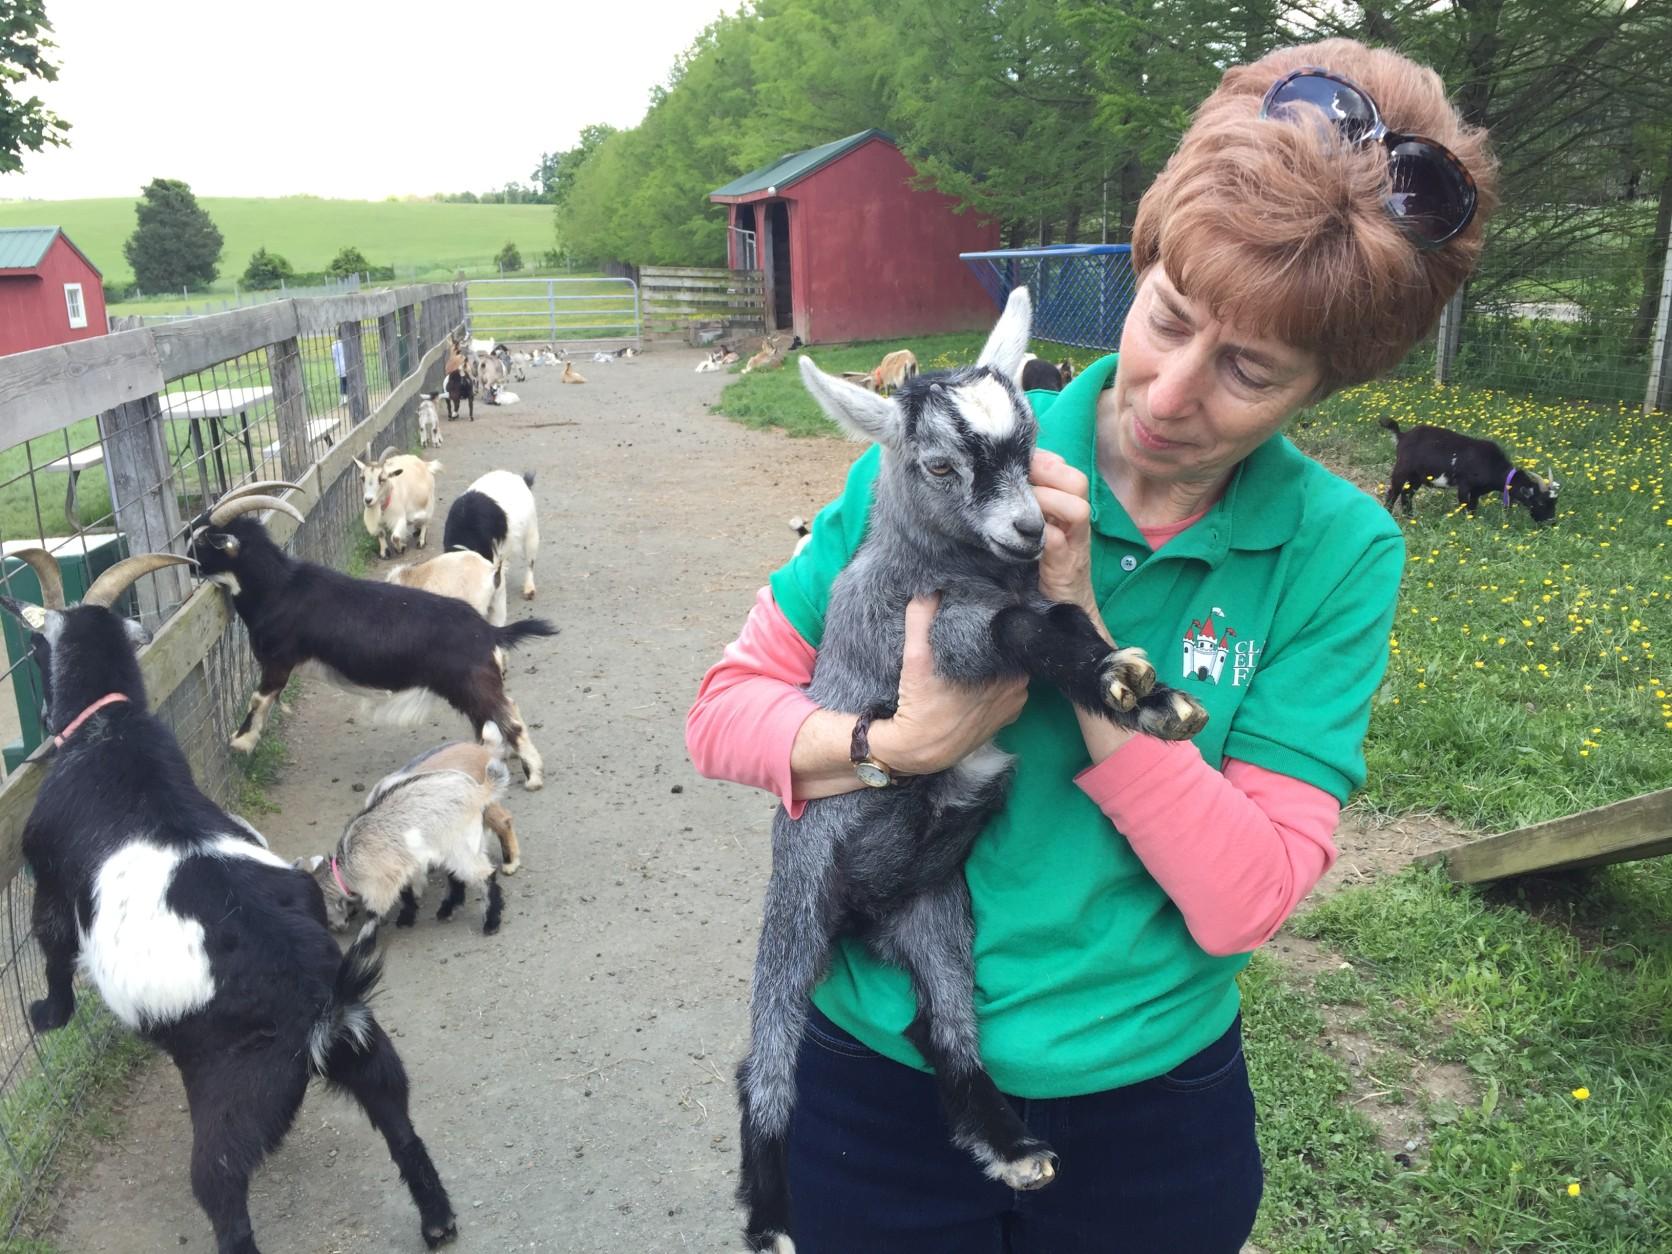 Clark's Elioak Farm owner Martha Clark holds one of the farm's 19 baby goats. (WTOP/Michelle Basch)